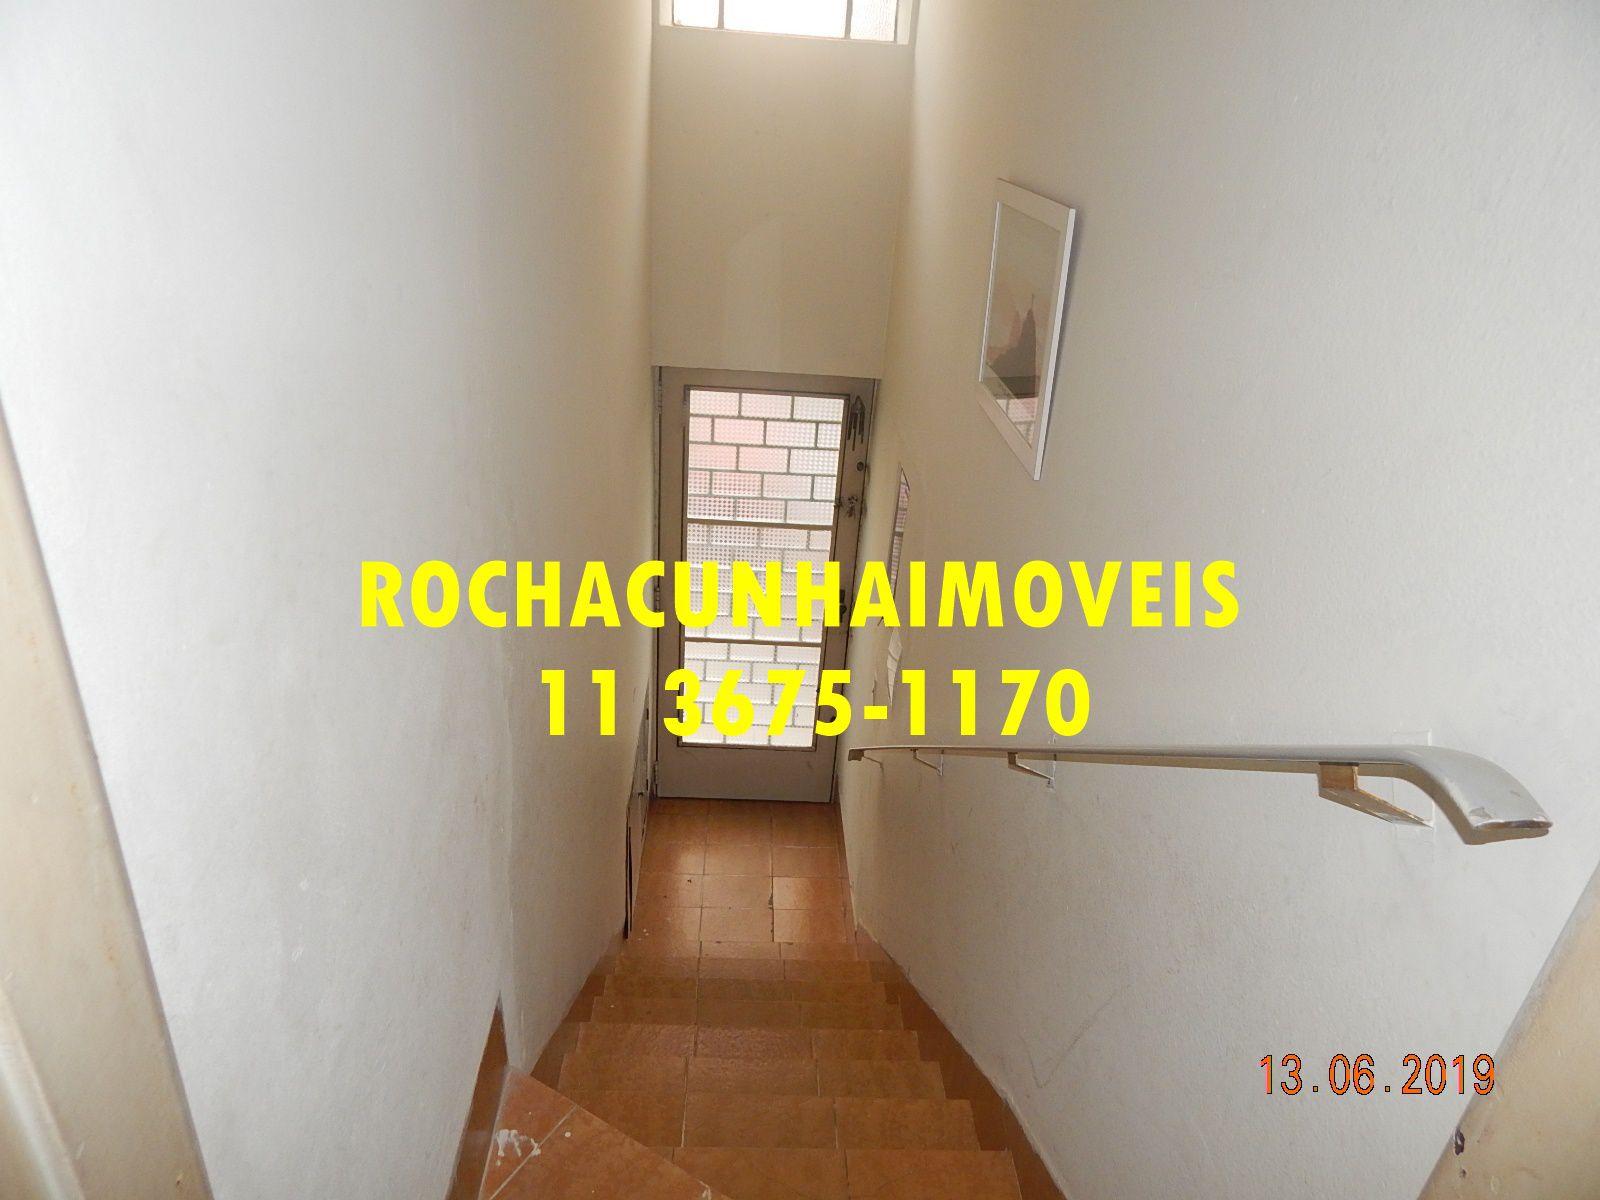 Casa À Venda - Perdizes - São Paulo - SP - CASAVENDE0002 - 8